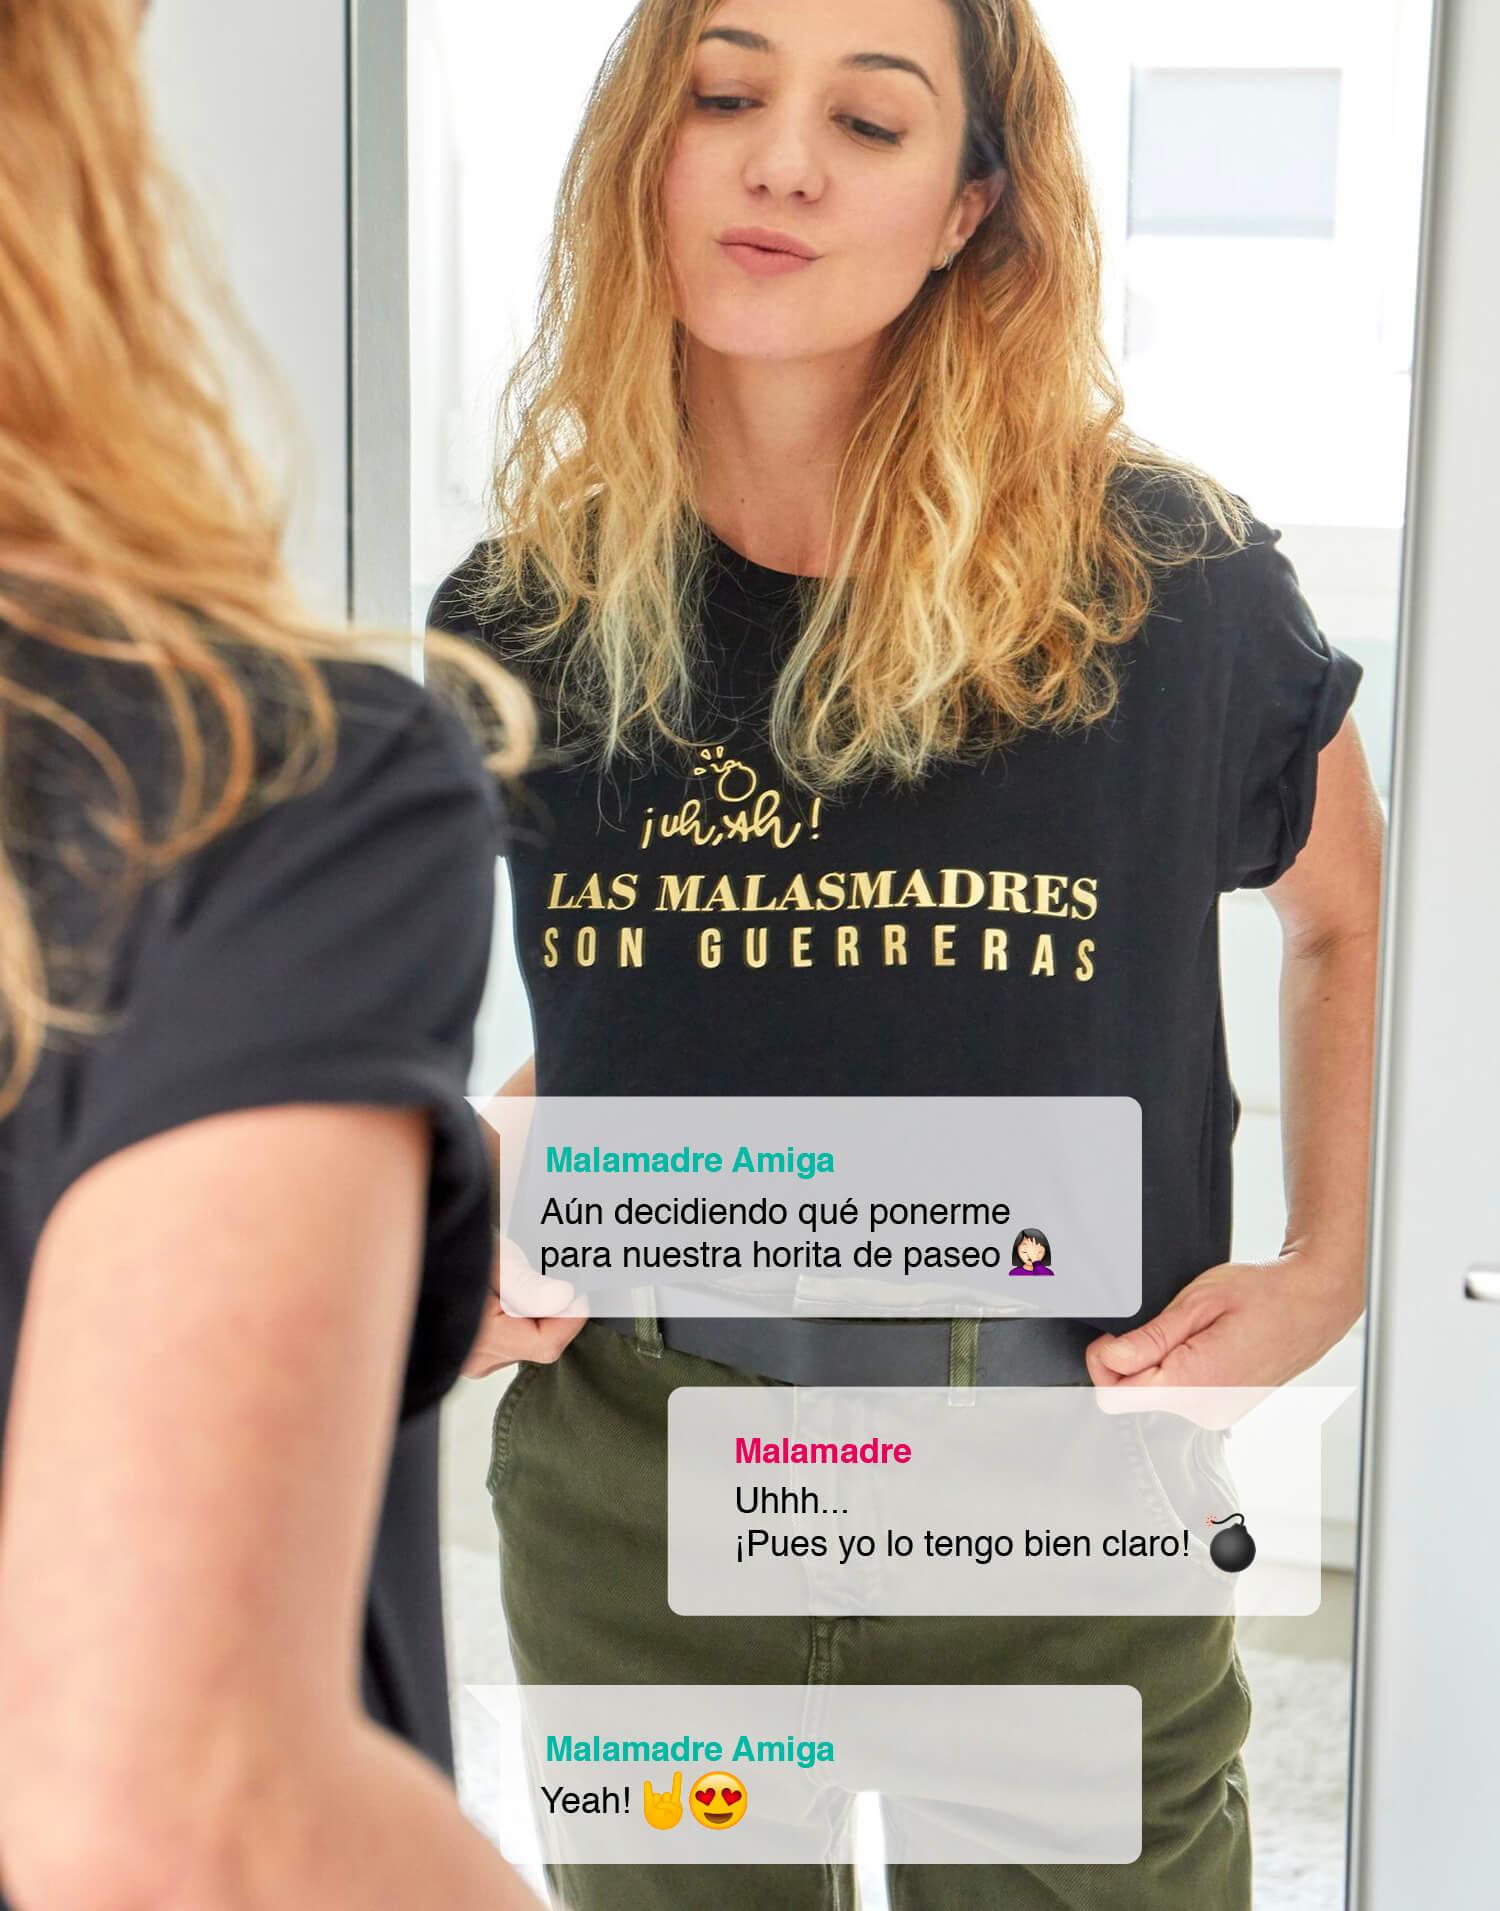 Camiseta de mujer negra '¡Uh, ah! Las Malasmadres son guerreras'